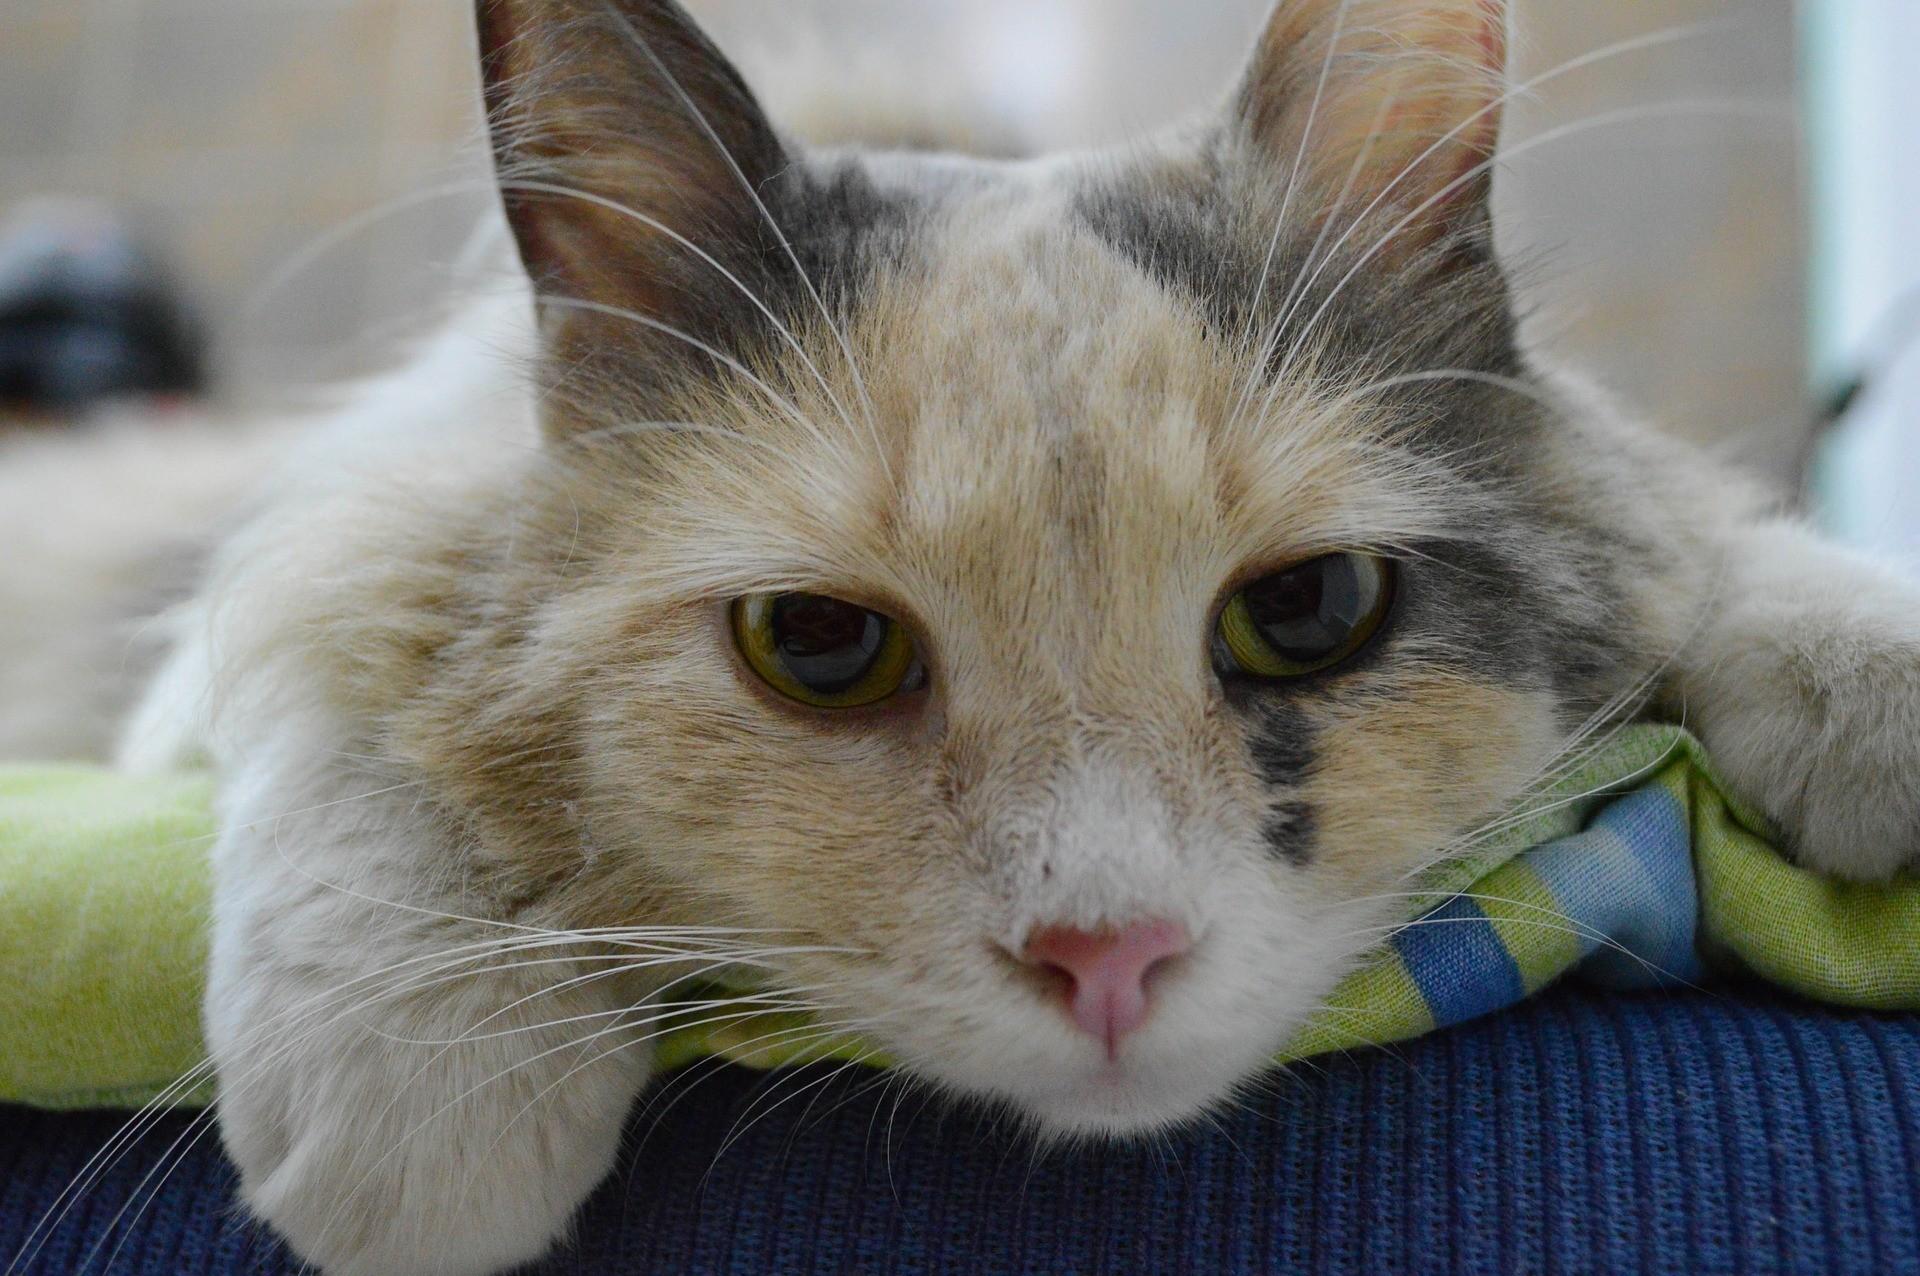 ▲貓,貓主子,獸醫診所,貓生病。(圖/取自免費圖庫Pixabay)